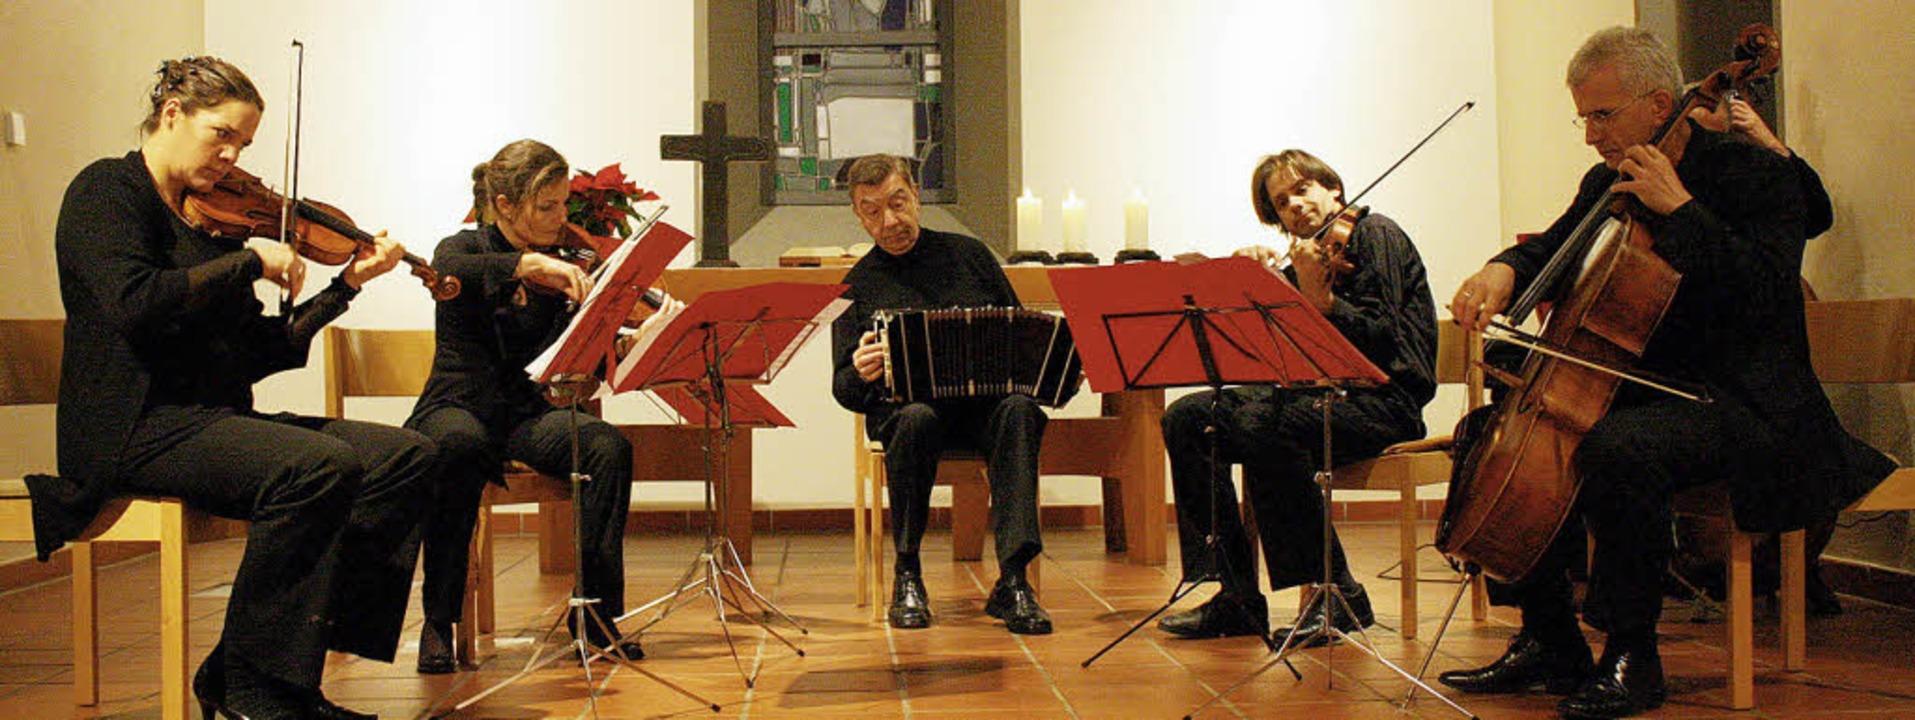 Das Freiburger Janus-Ensemble mit dem ...seinem Auftritt in der Christuskirche.  | Foto: Hans Jürgen Kugler